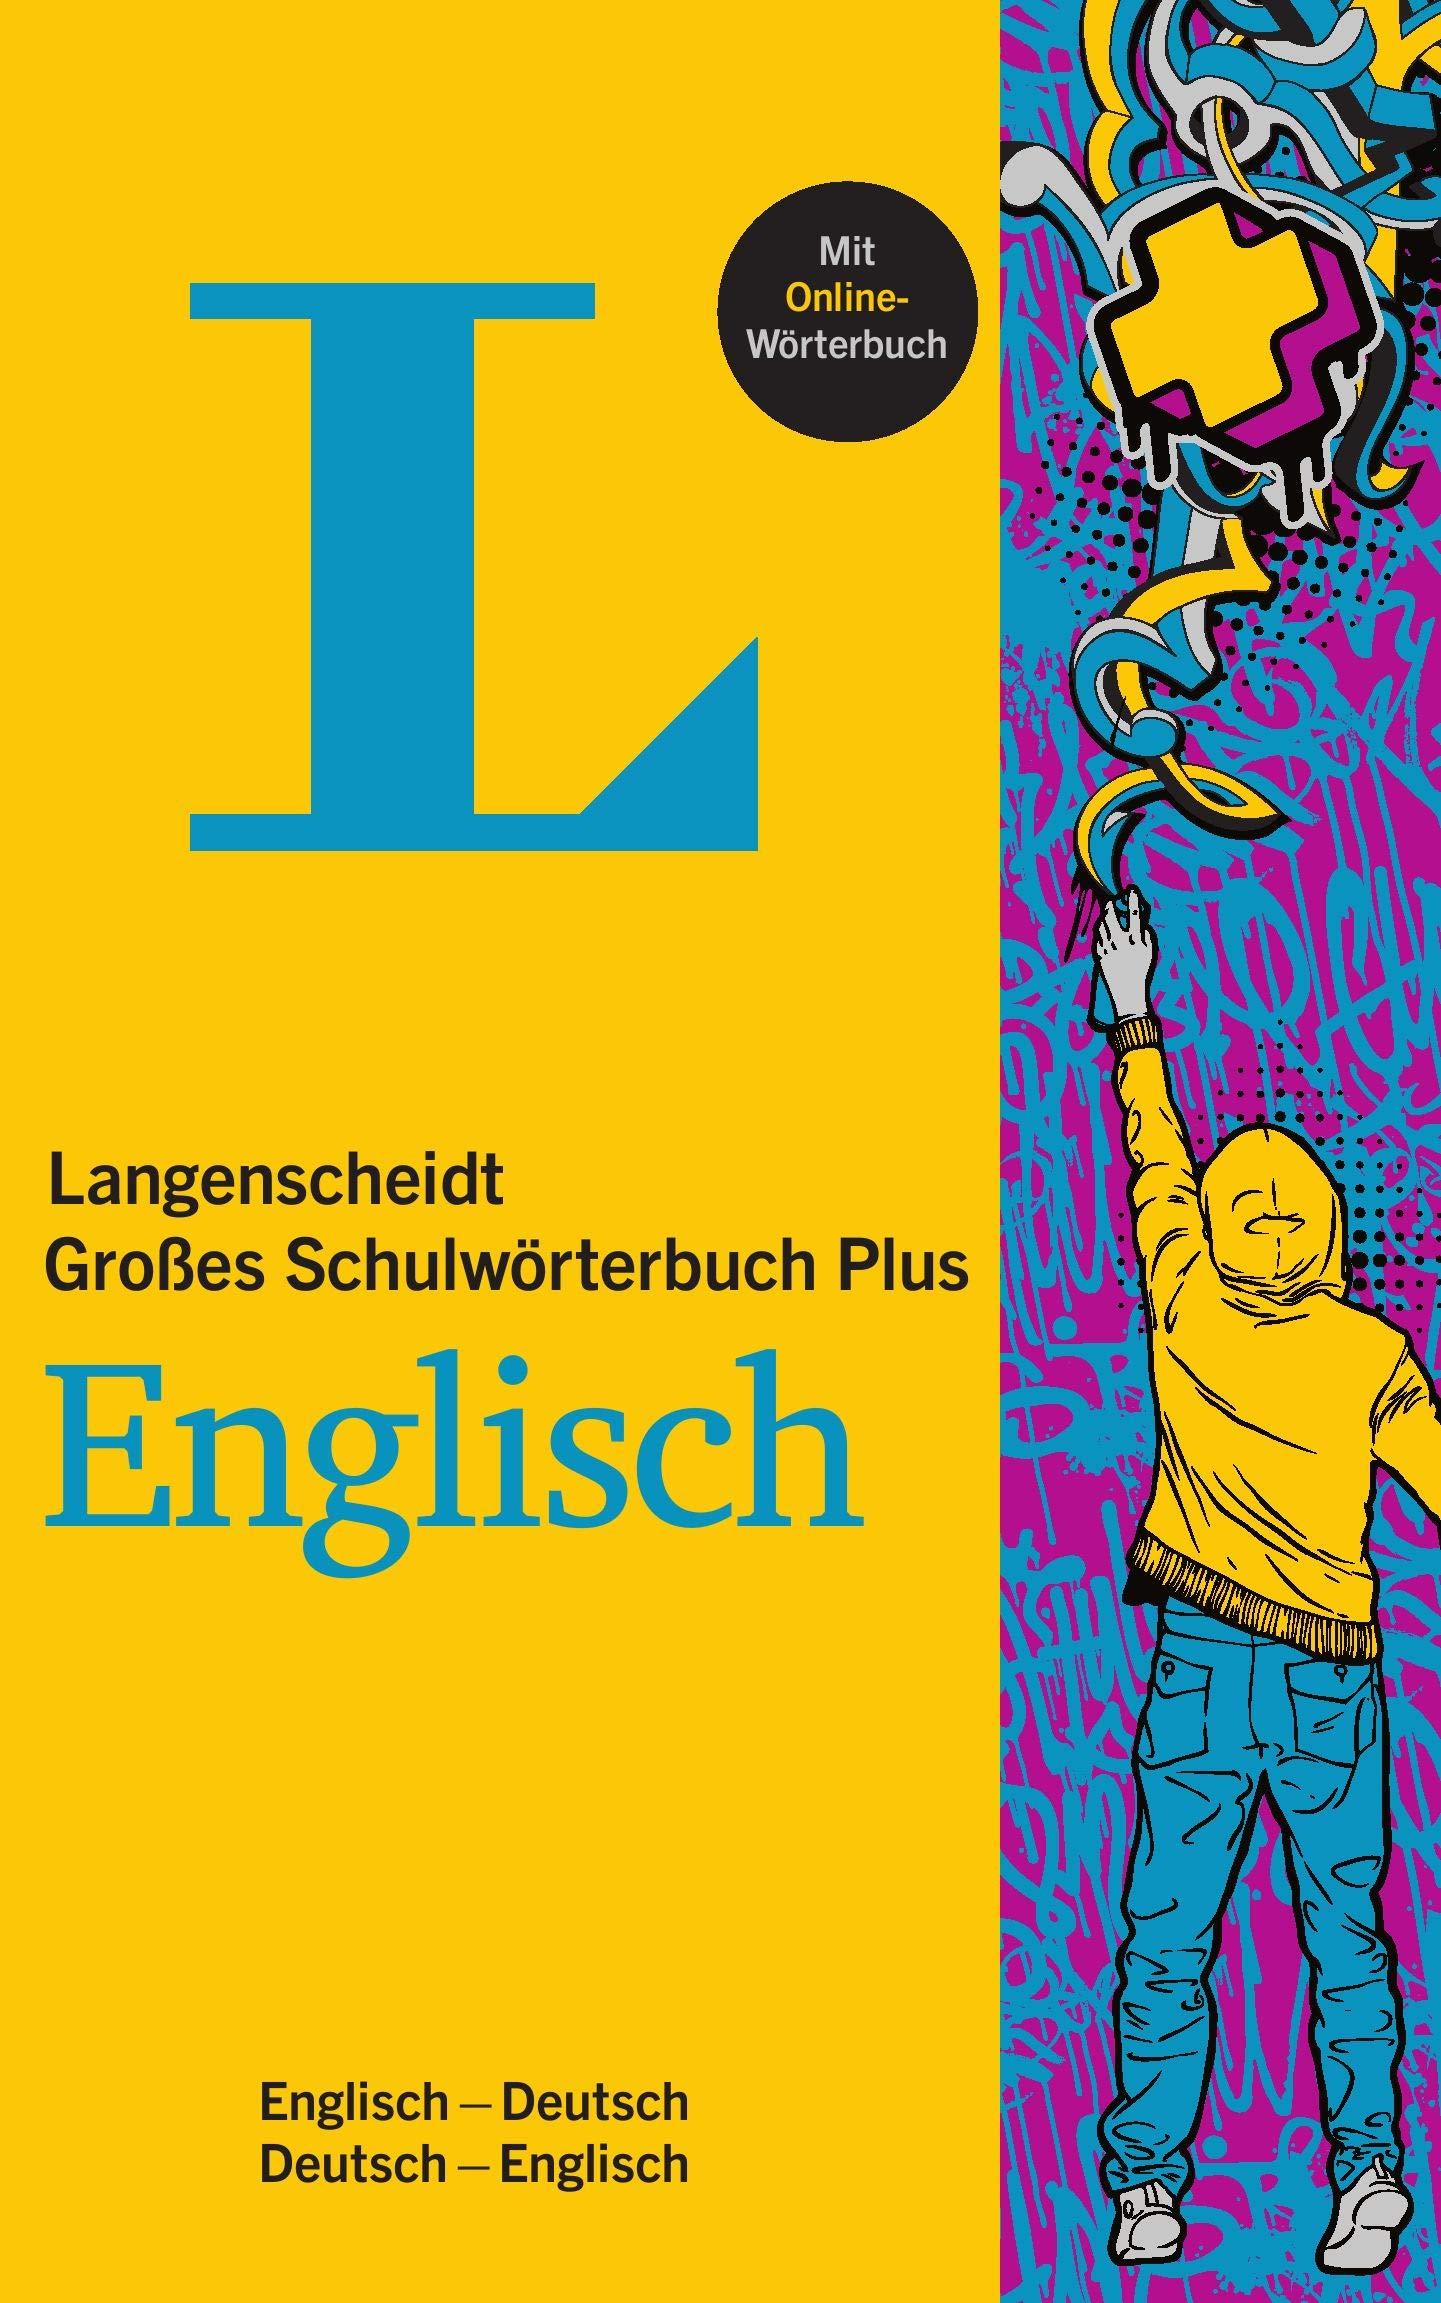 Langenscheidt Großes Schulwörterbuch Plus Englisch  Englisch Deutsch Deutsch Englisch